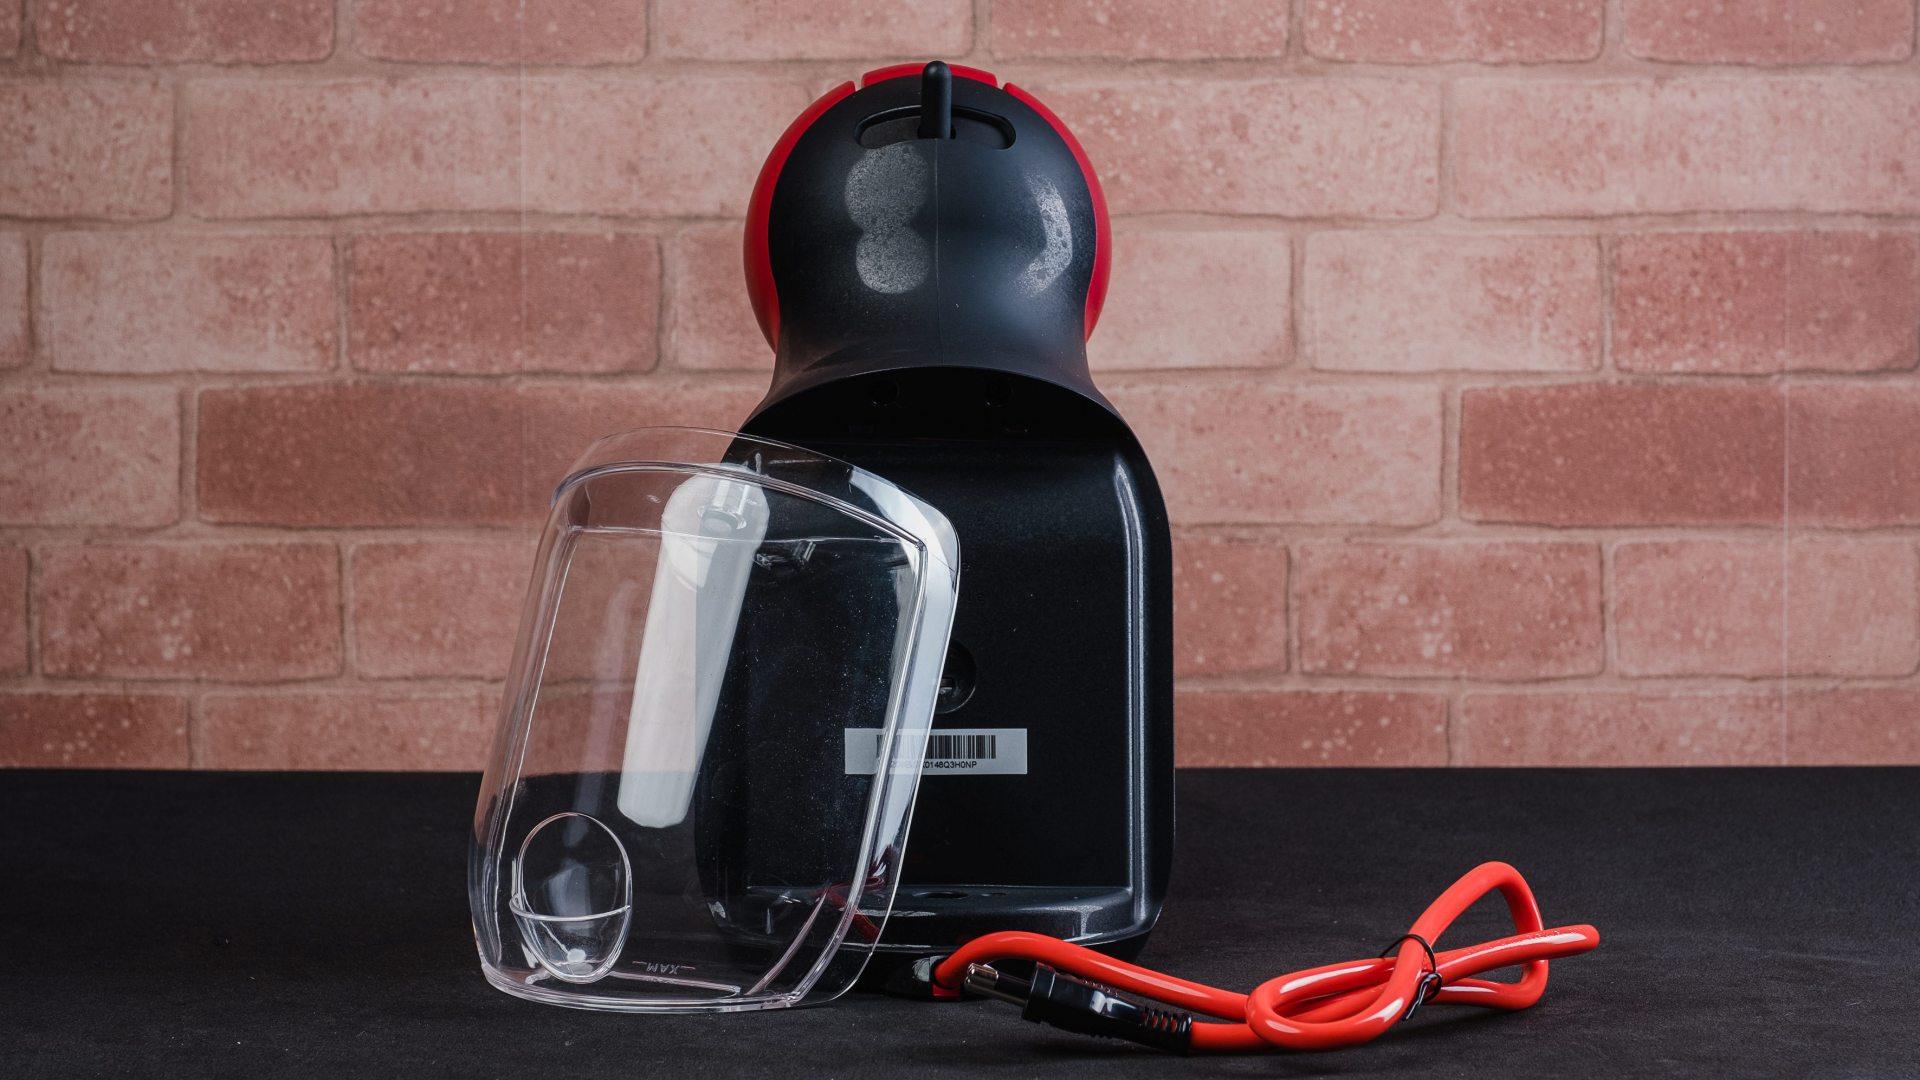 O reservatório da cafeteira Dolce Gusto Mini Me tem 800ml de capacidade (Foto: Reprodução/Zoom)